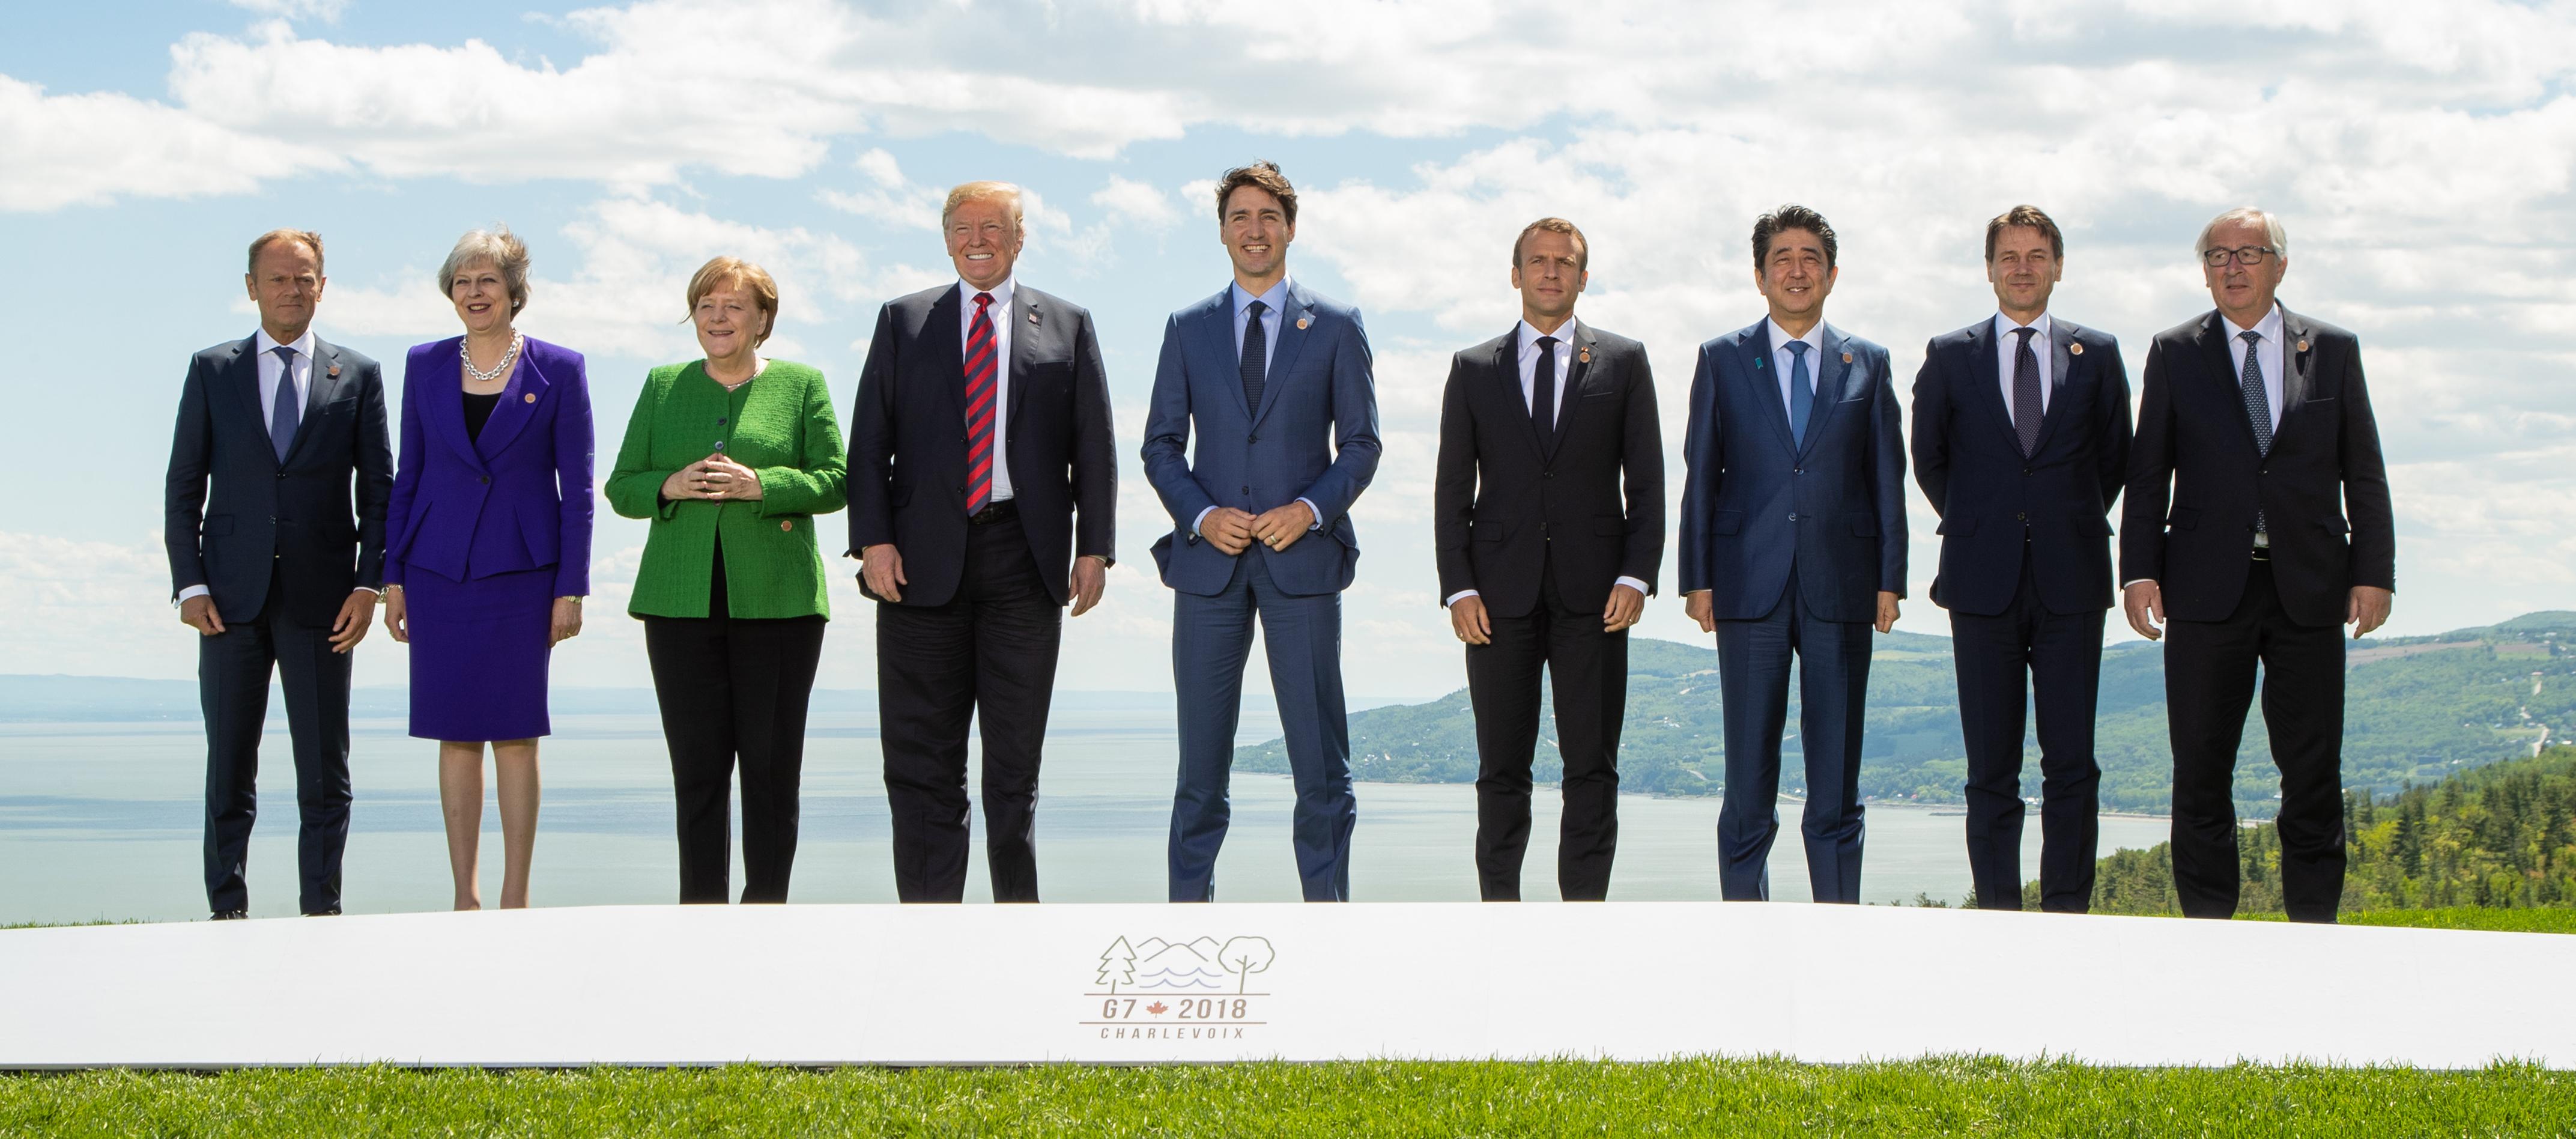 Quels sont les objectifs du sommet du G7 qui démarre au Royaume-Uni ?